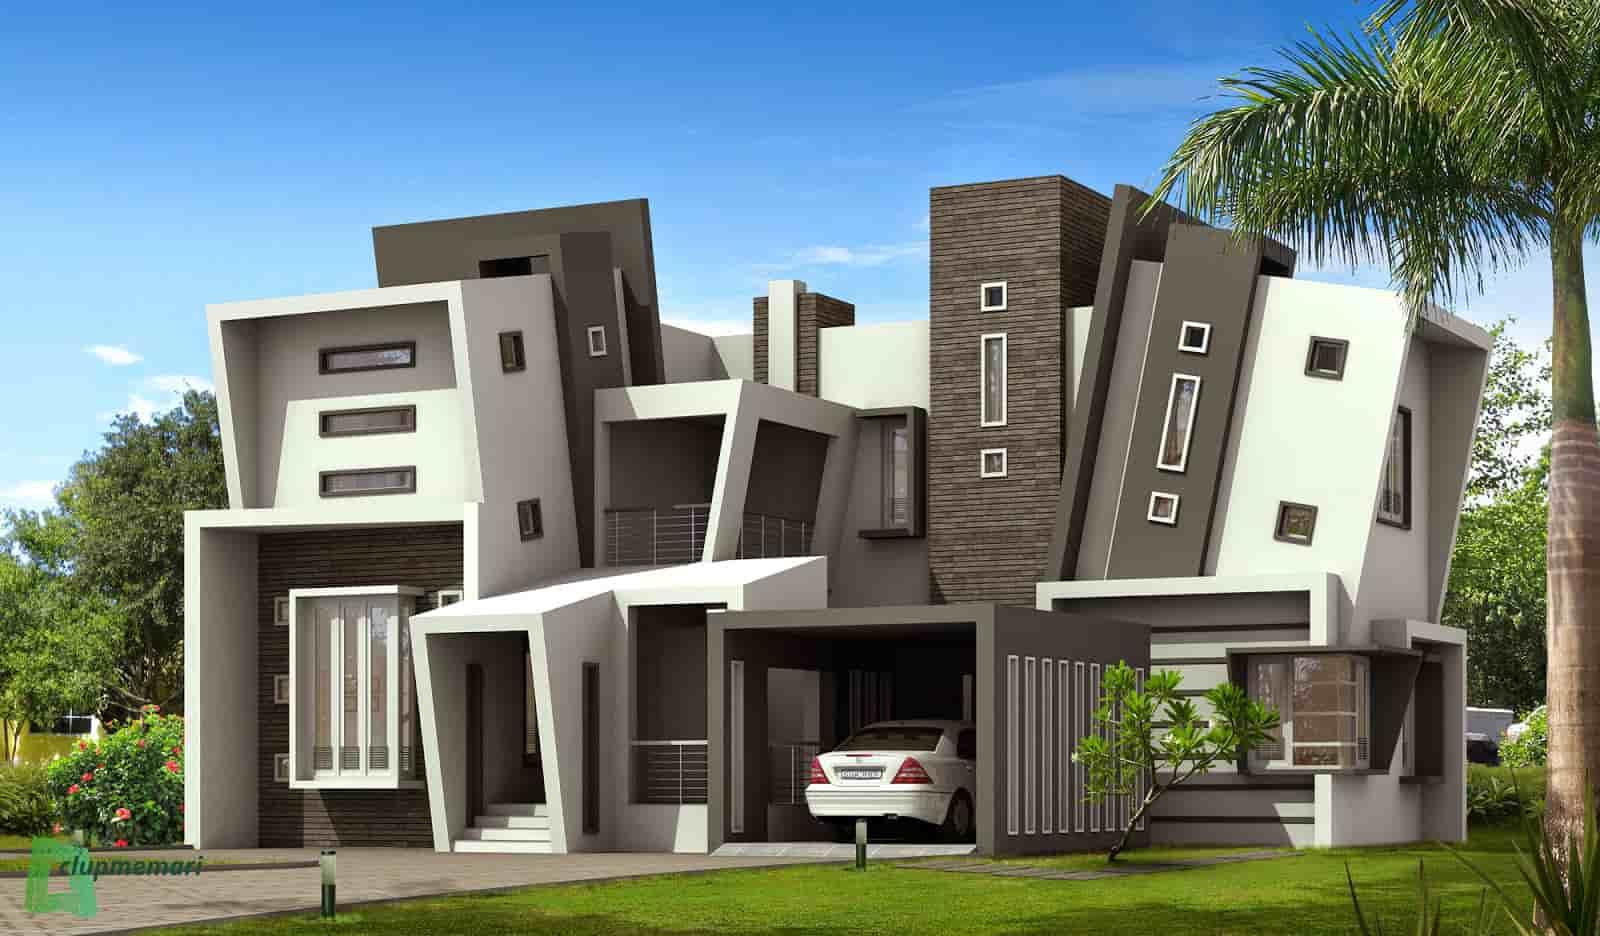 طراحی بیرونی ساختمان مسکونی